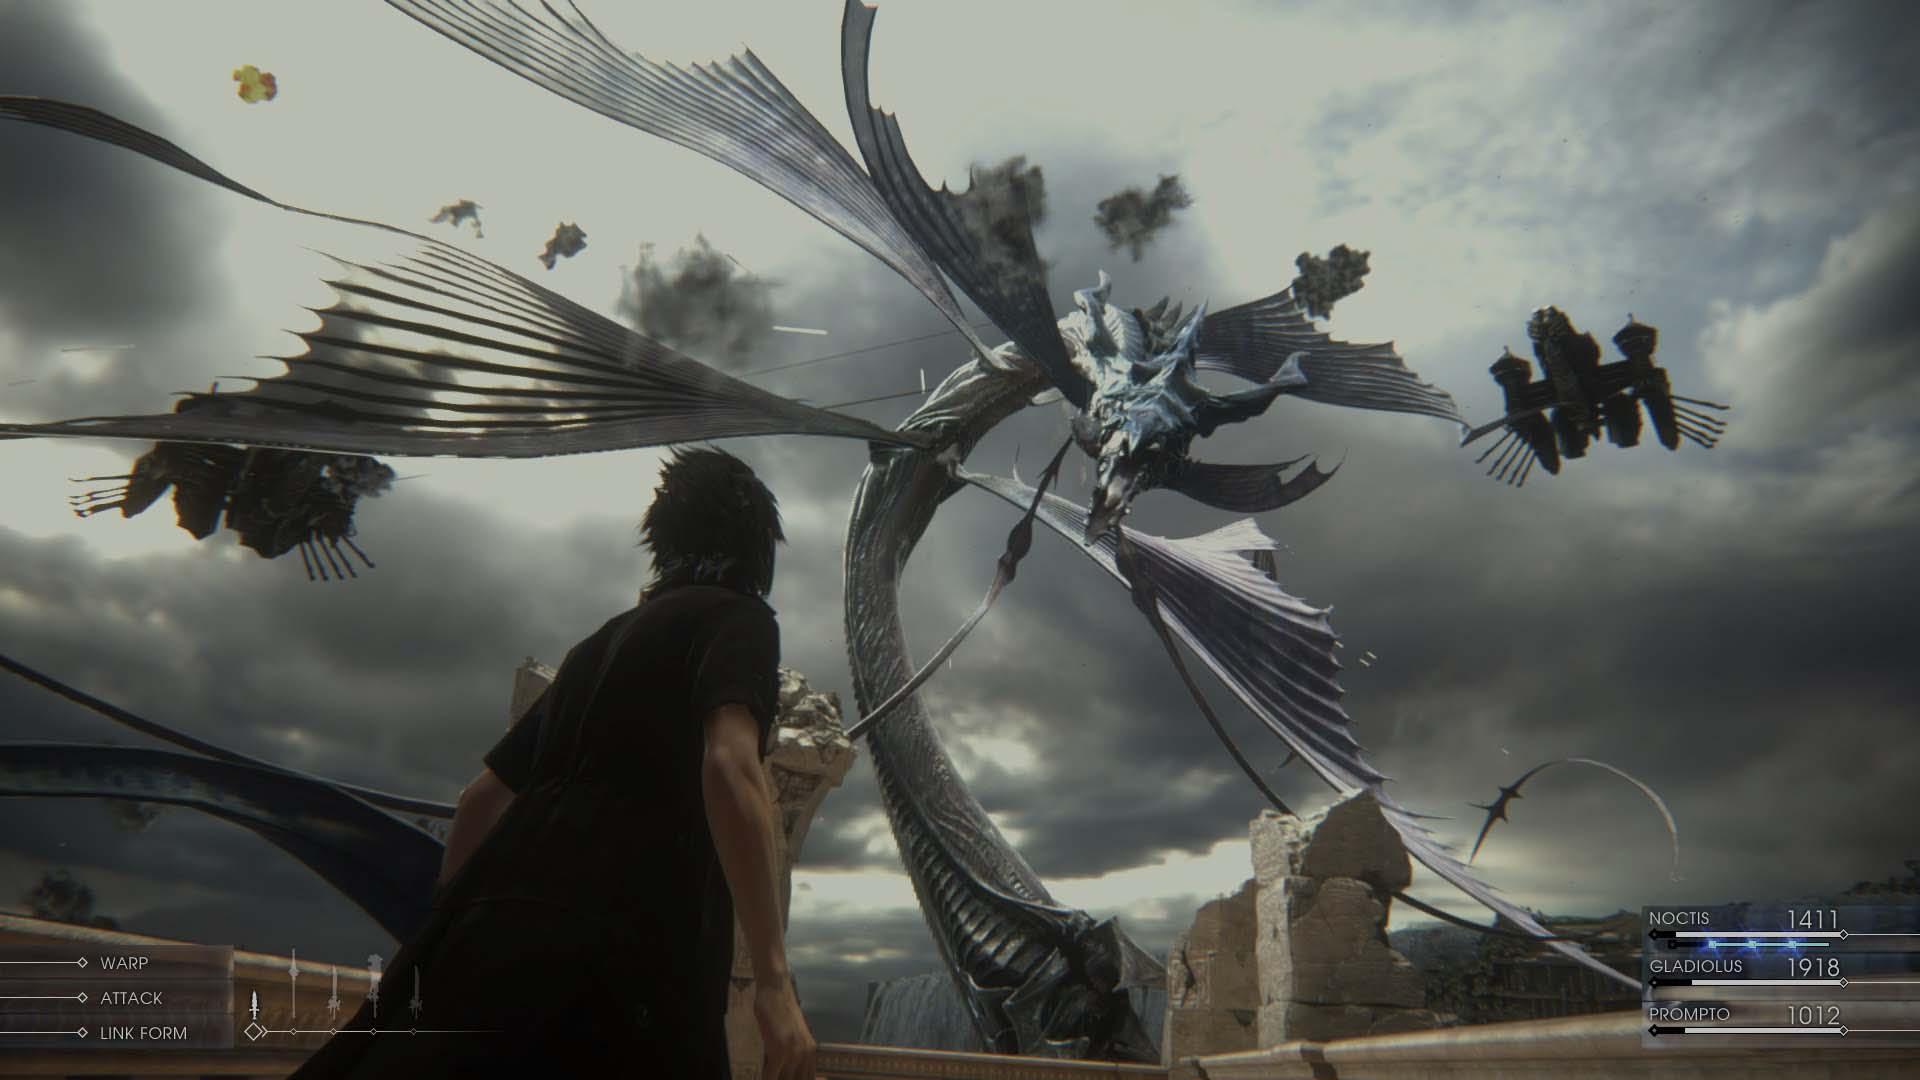 Final Fantasy 15 Leviathan